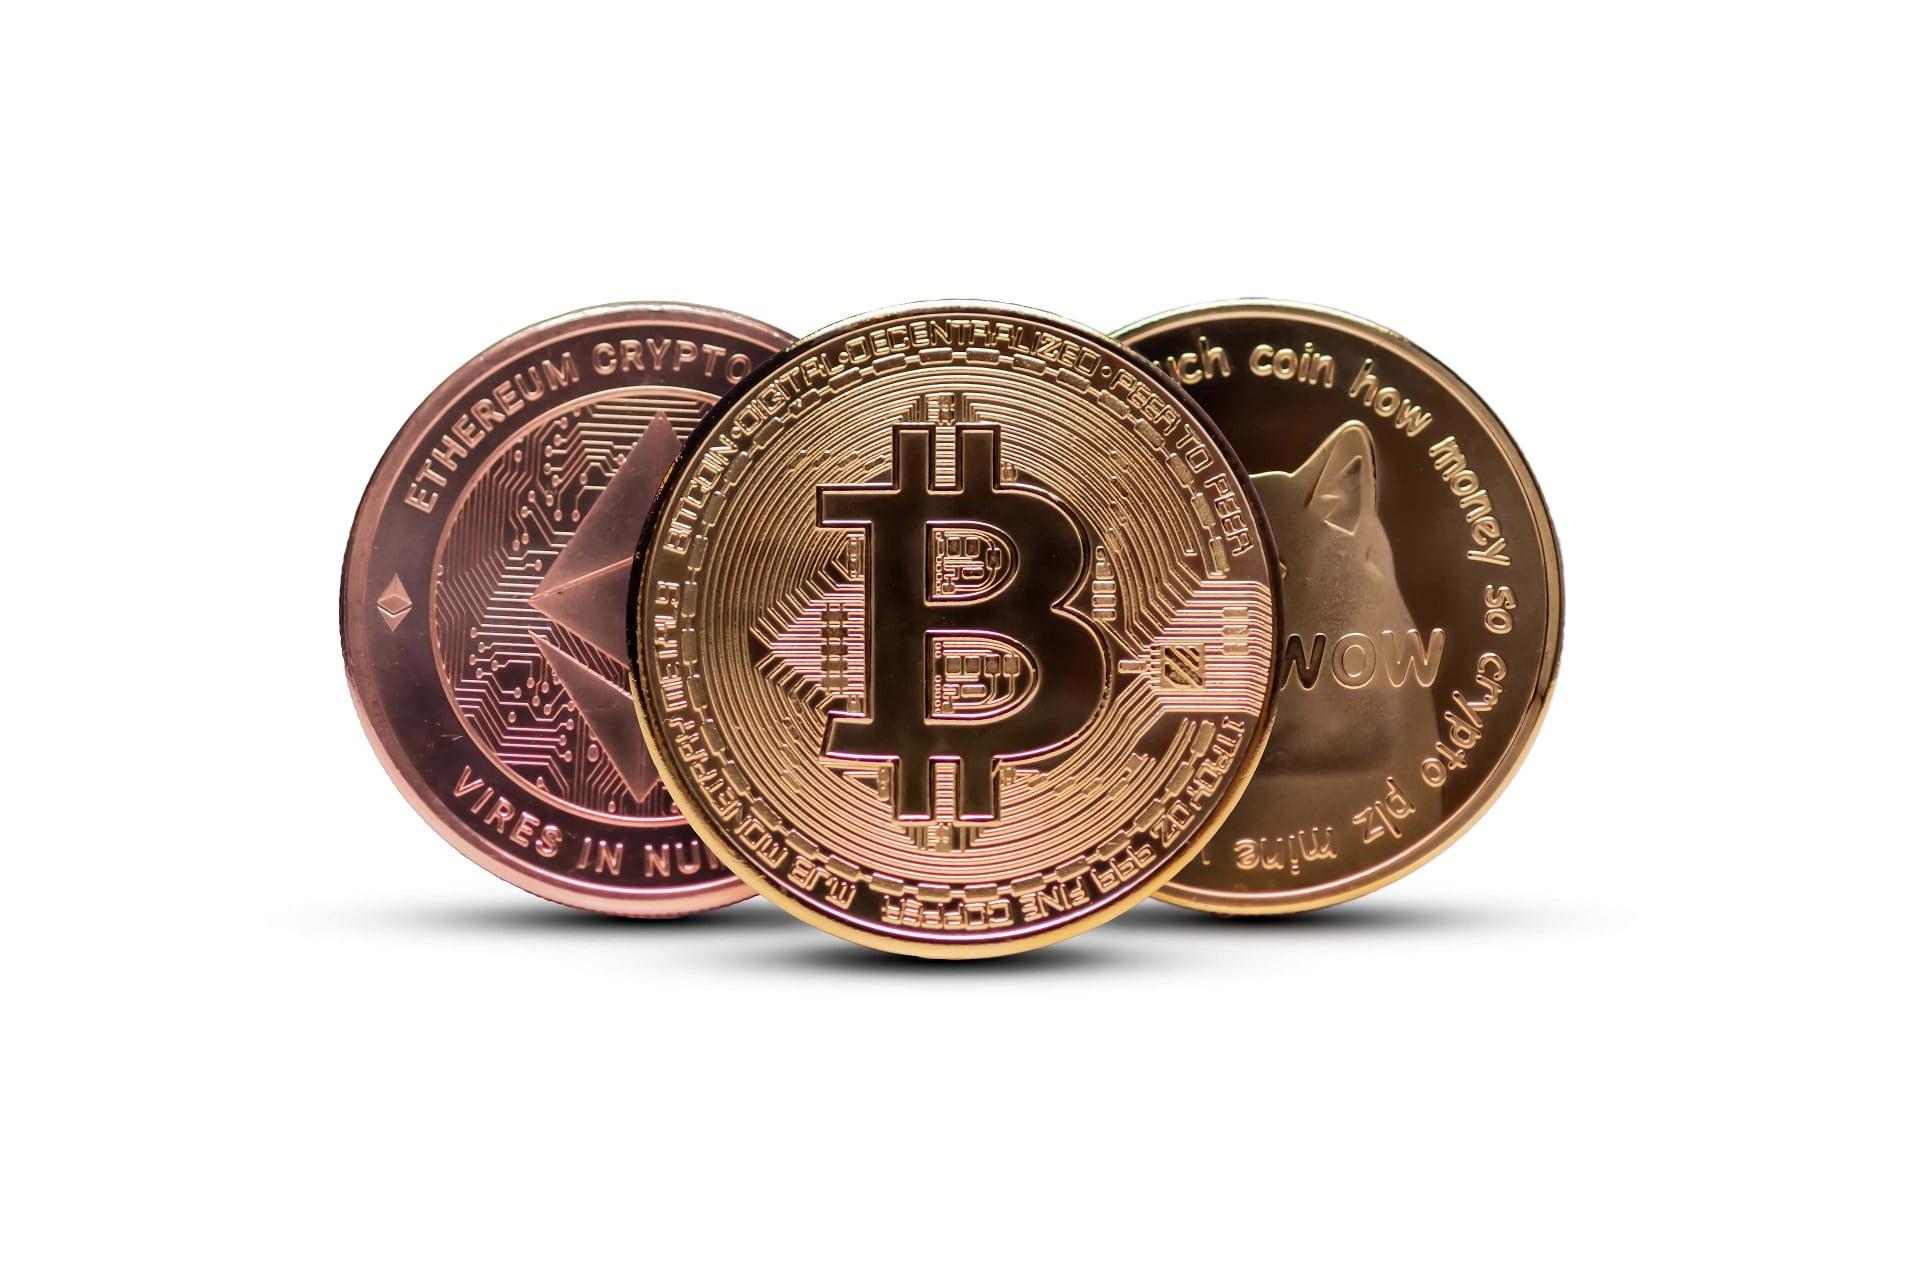 verificare transazione bitcoin